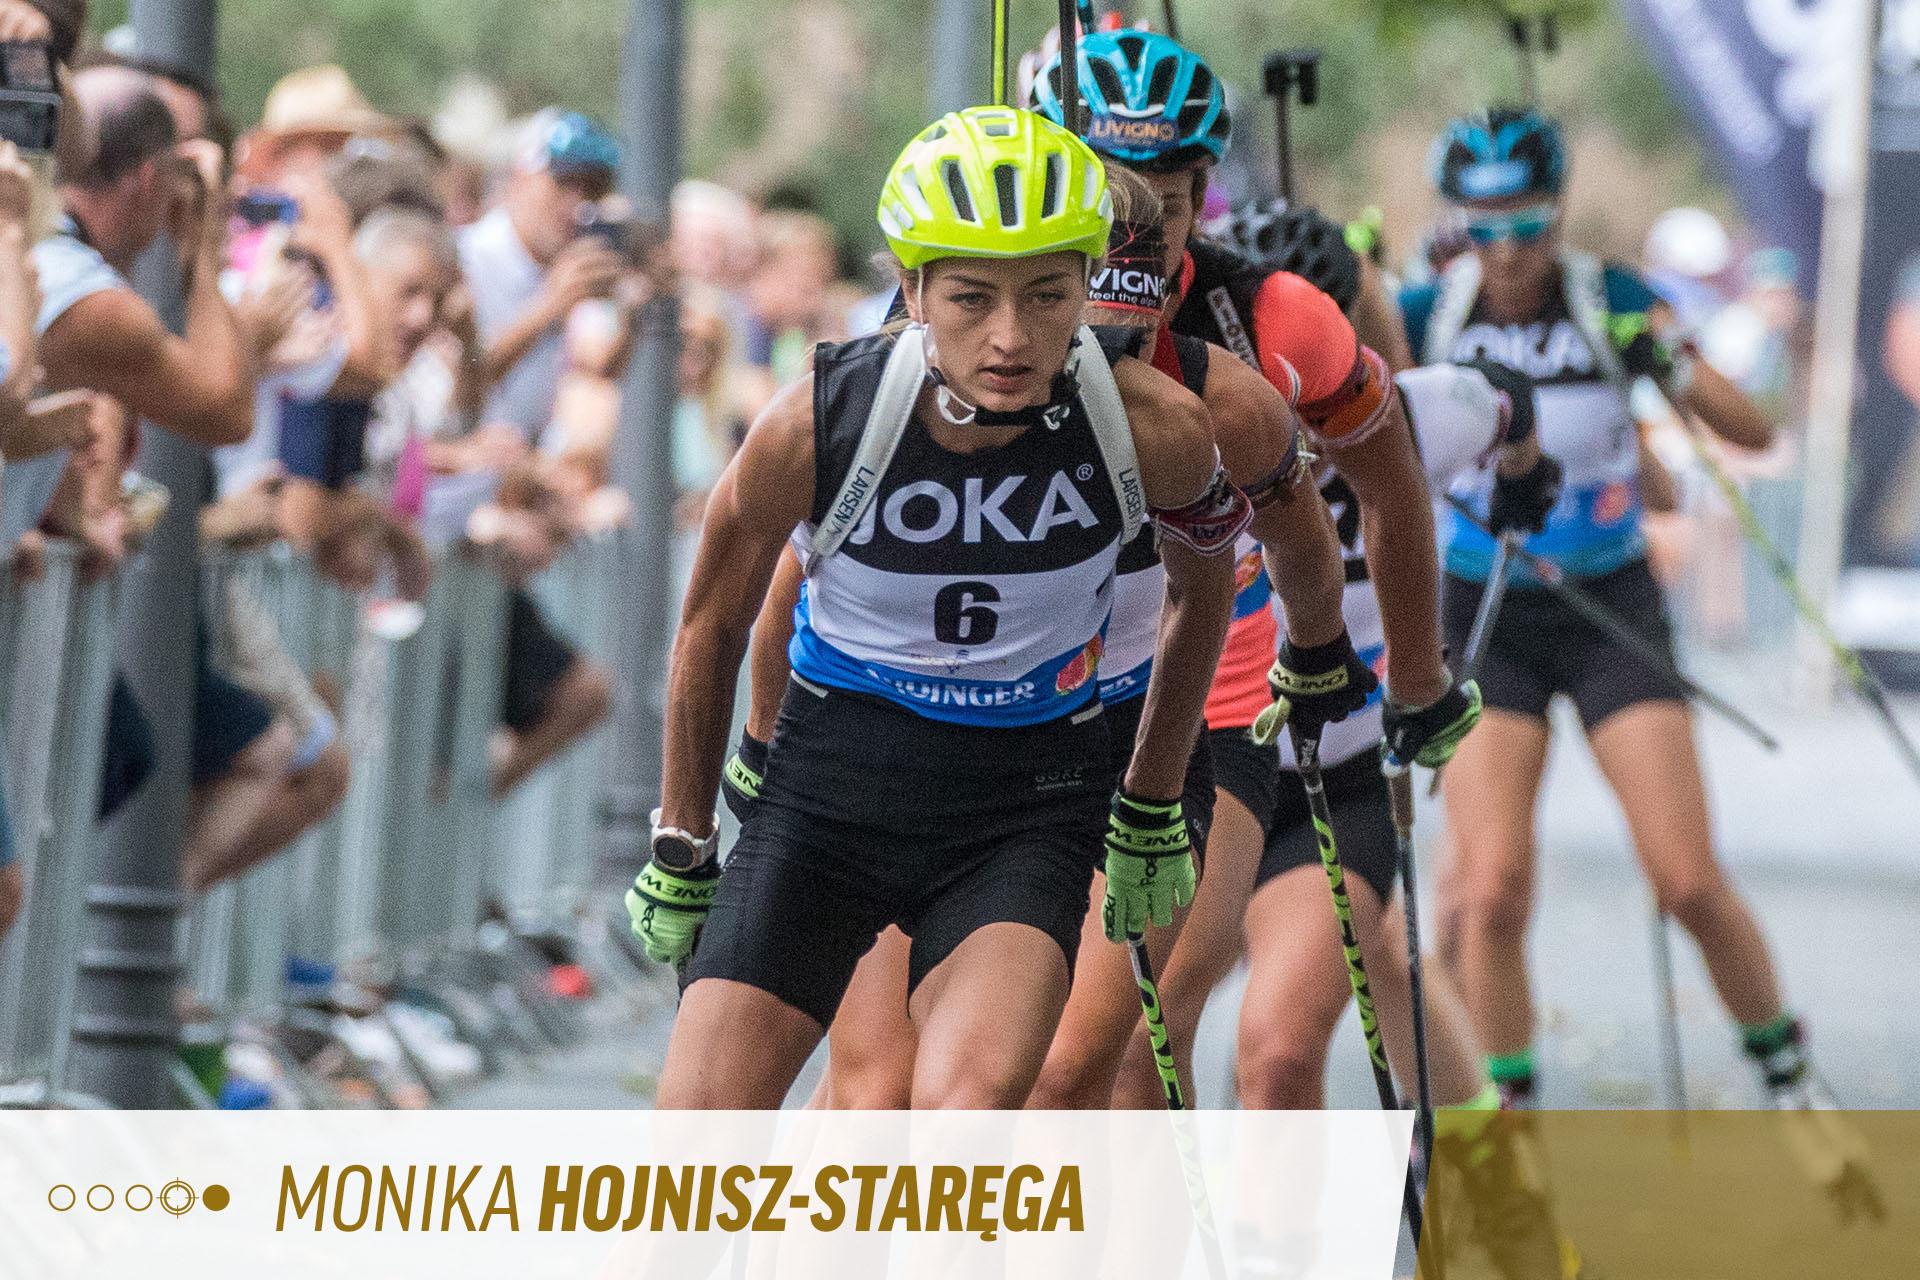 Athleten_MonikaHojnisz